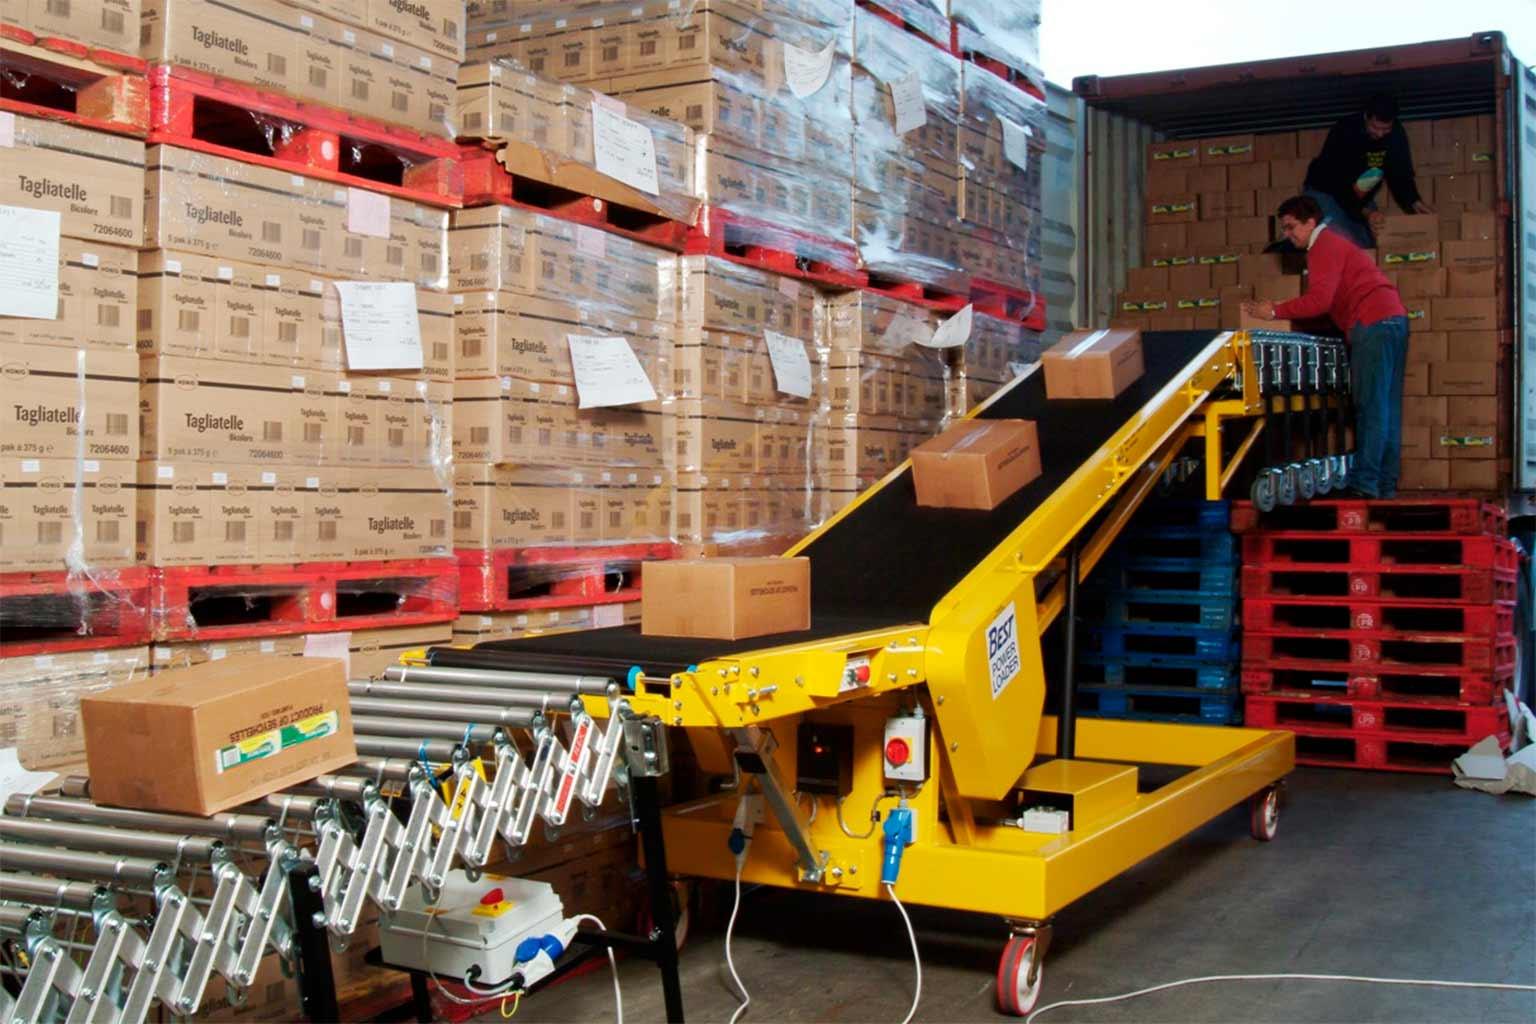 2.000 millones de euros es el coste de cargar y descargar mercancía de los camiones, según los fabricantes